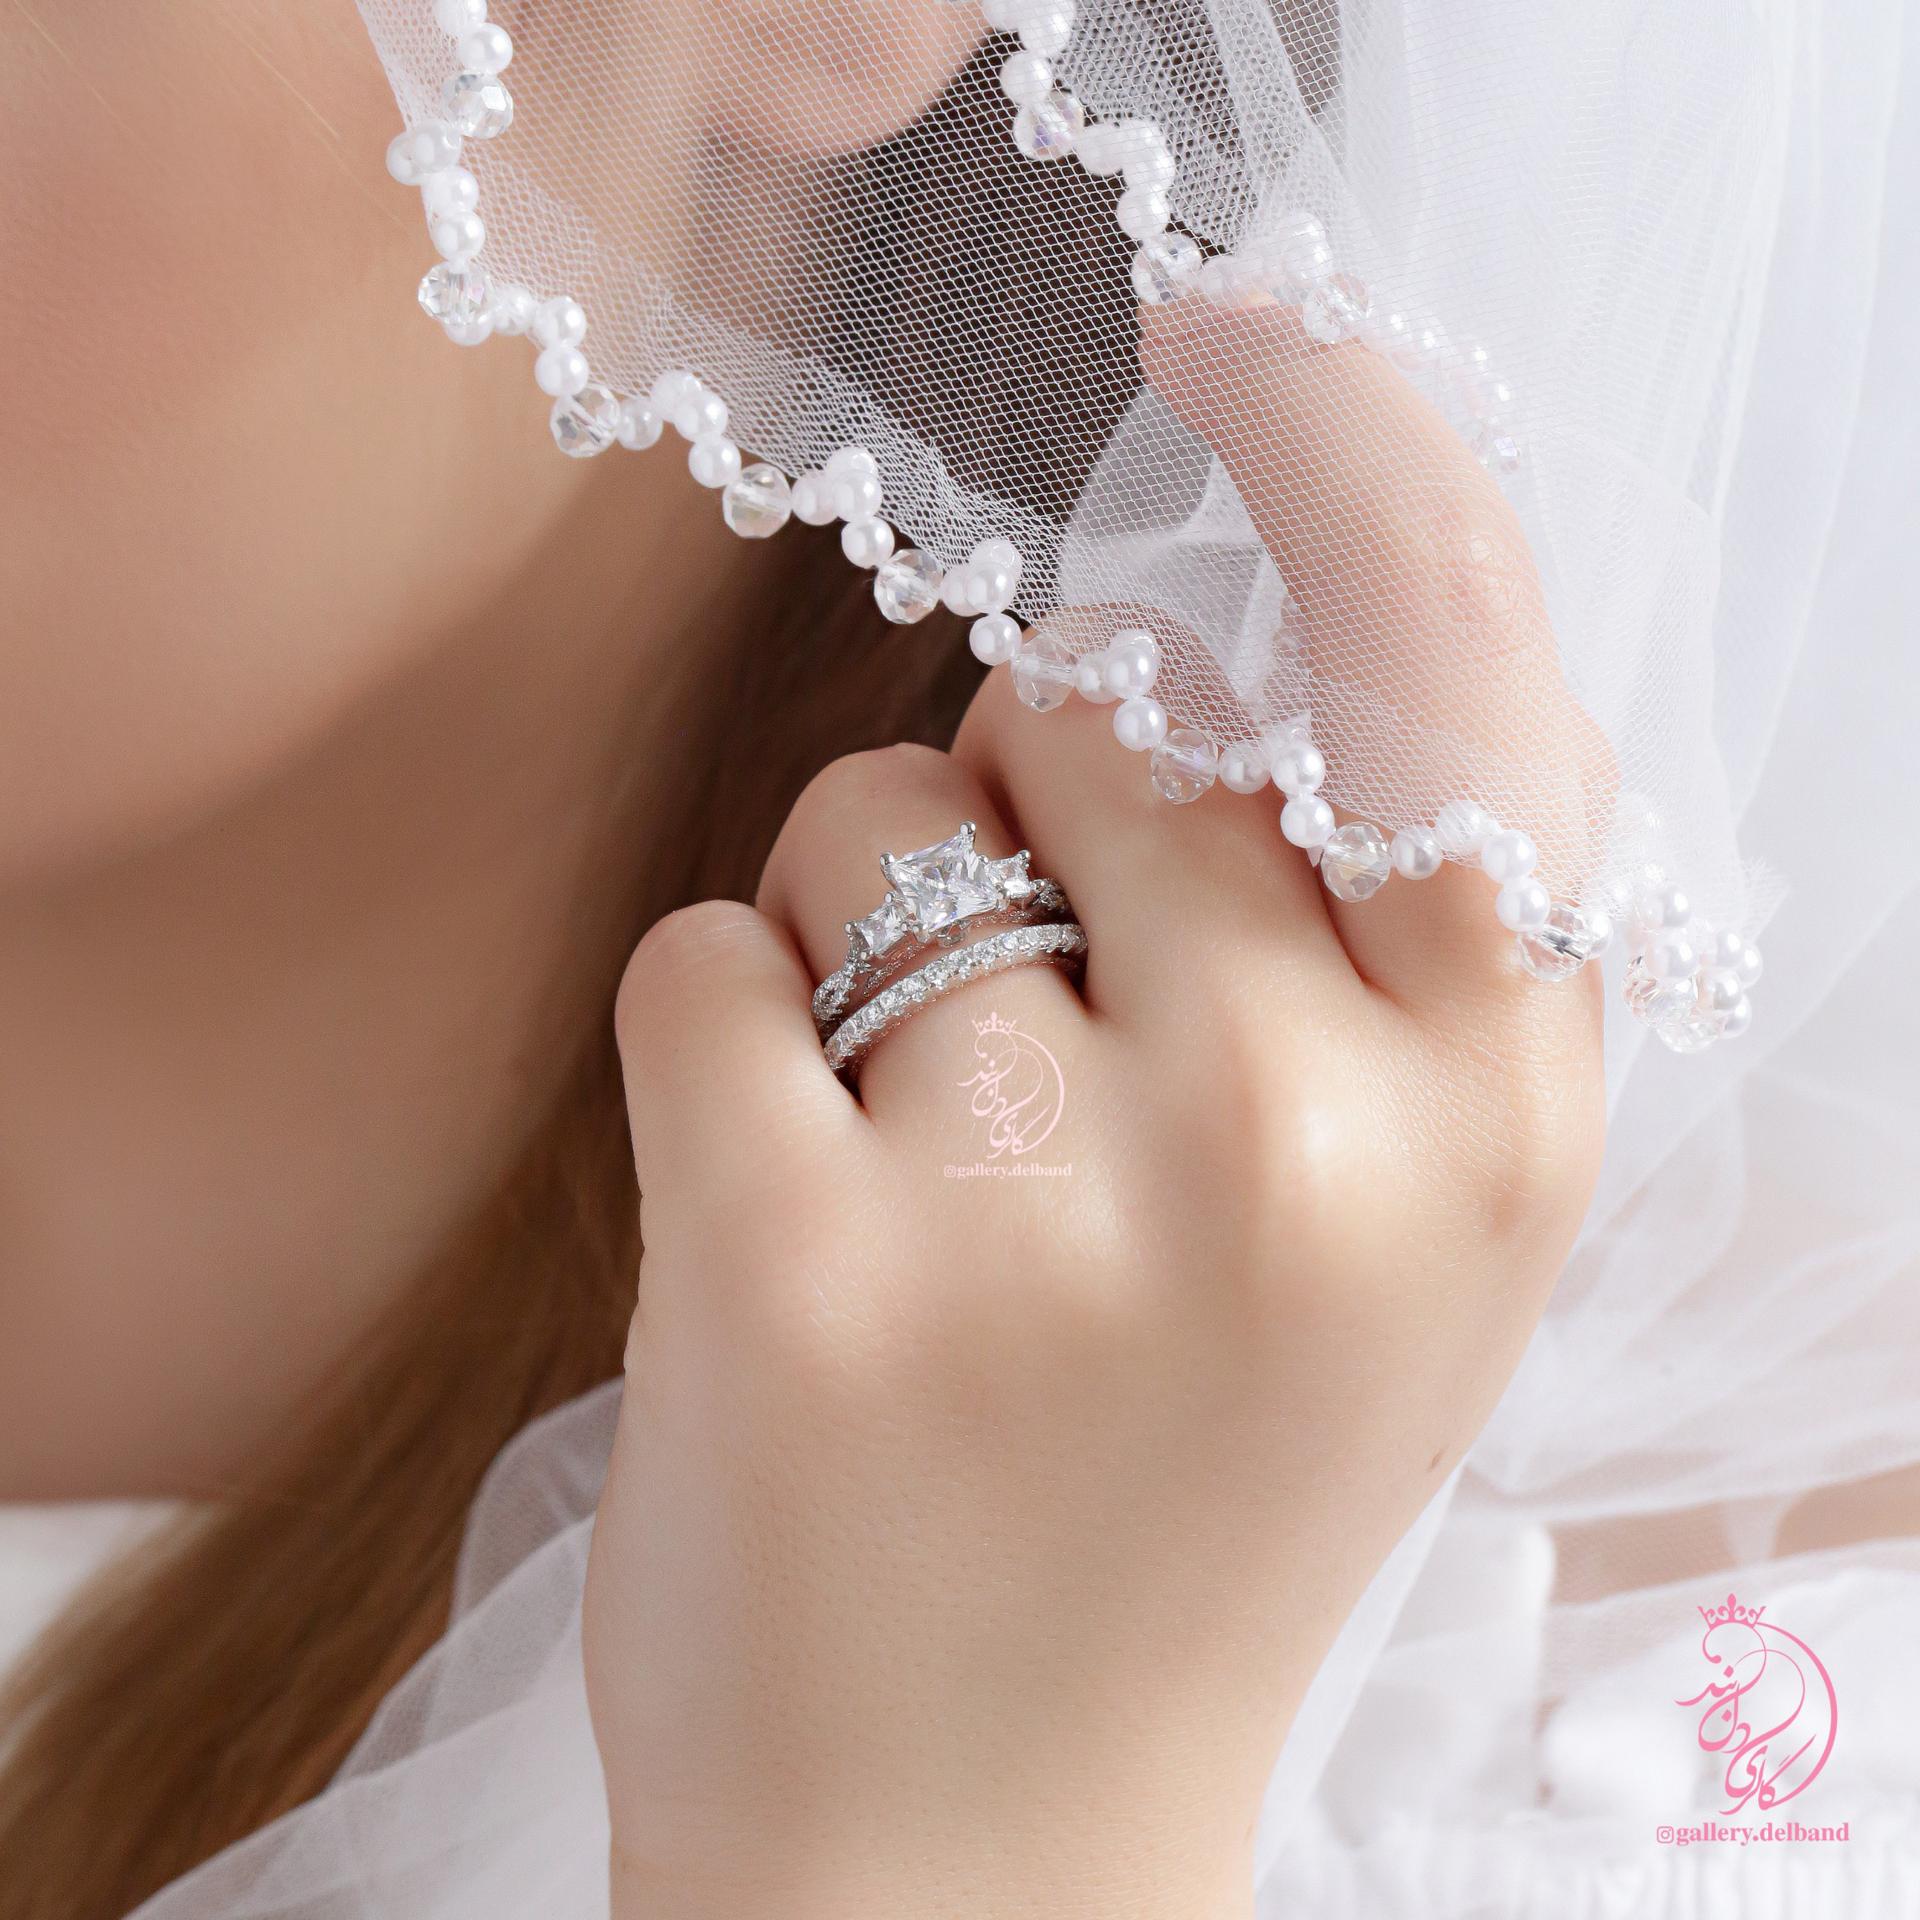 💍حلقه و پشت حلقه جواهری خاص و زیبا نقره عیار ۹۲۵ با روکش طلا سفید و داخل رکاب رزگلد